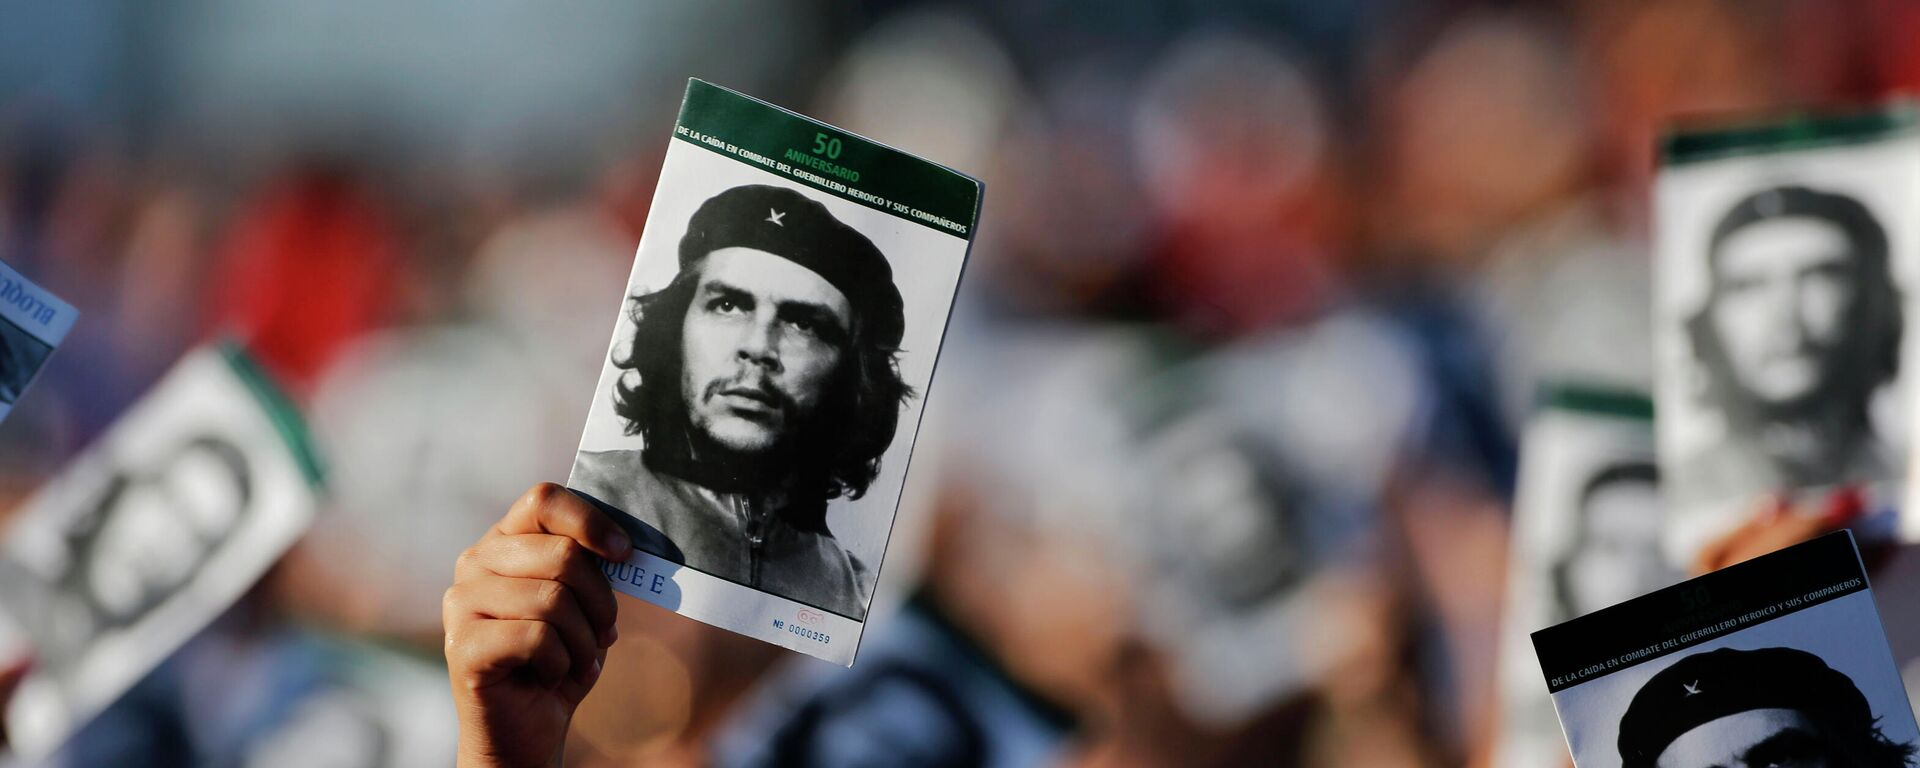 El guerrillero cubano-argentino Ernesto Che Guevara (1928-1967) - Sputnik Mundo, 1920, 08.10.2021